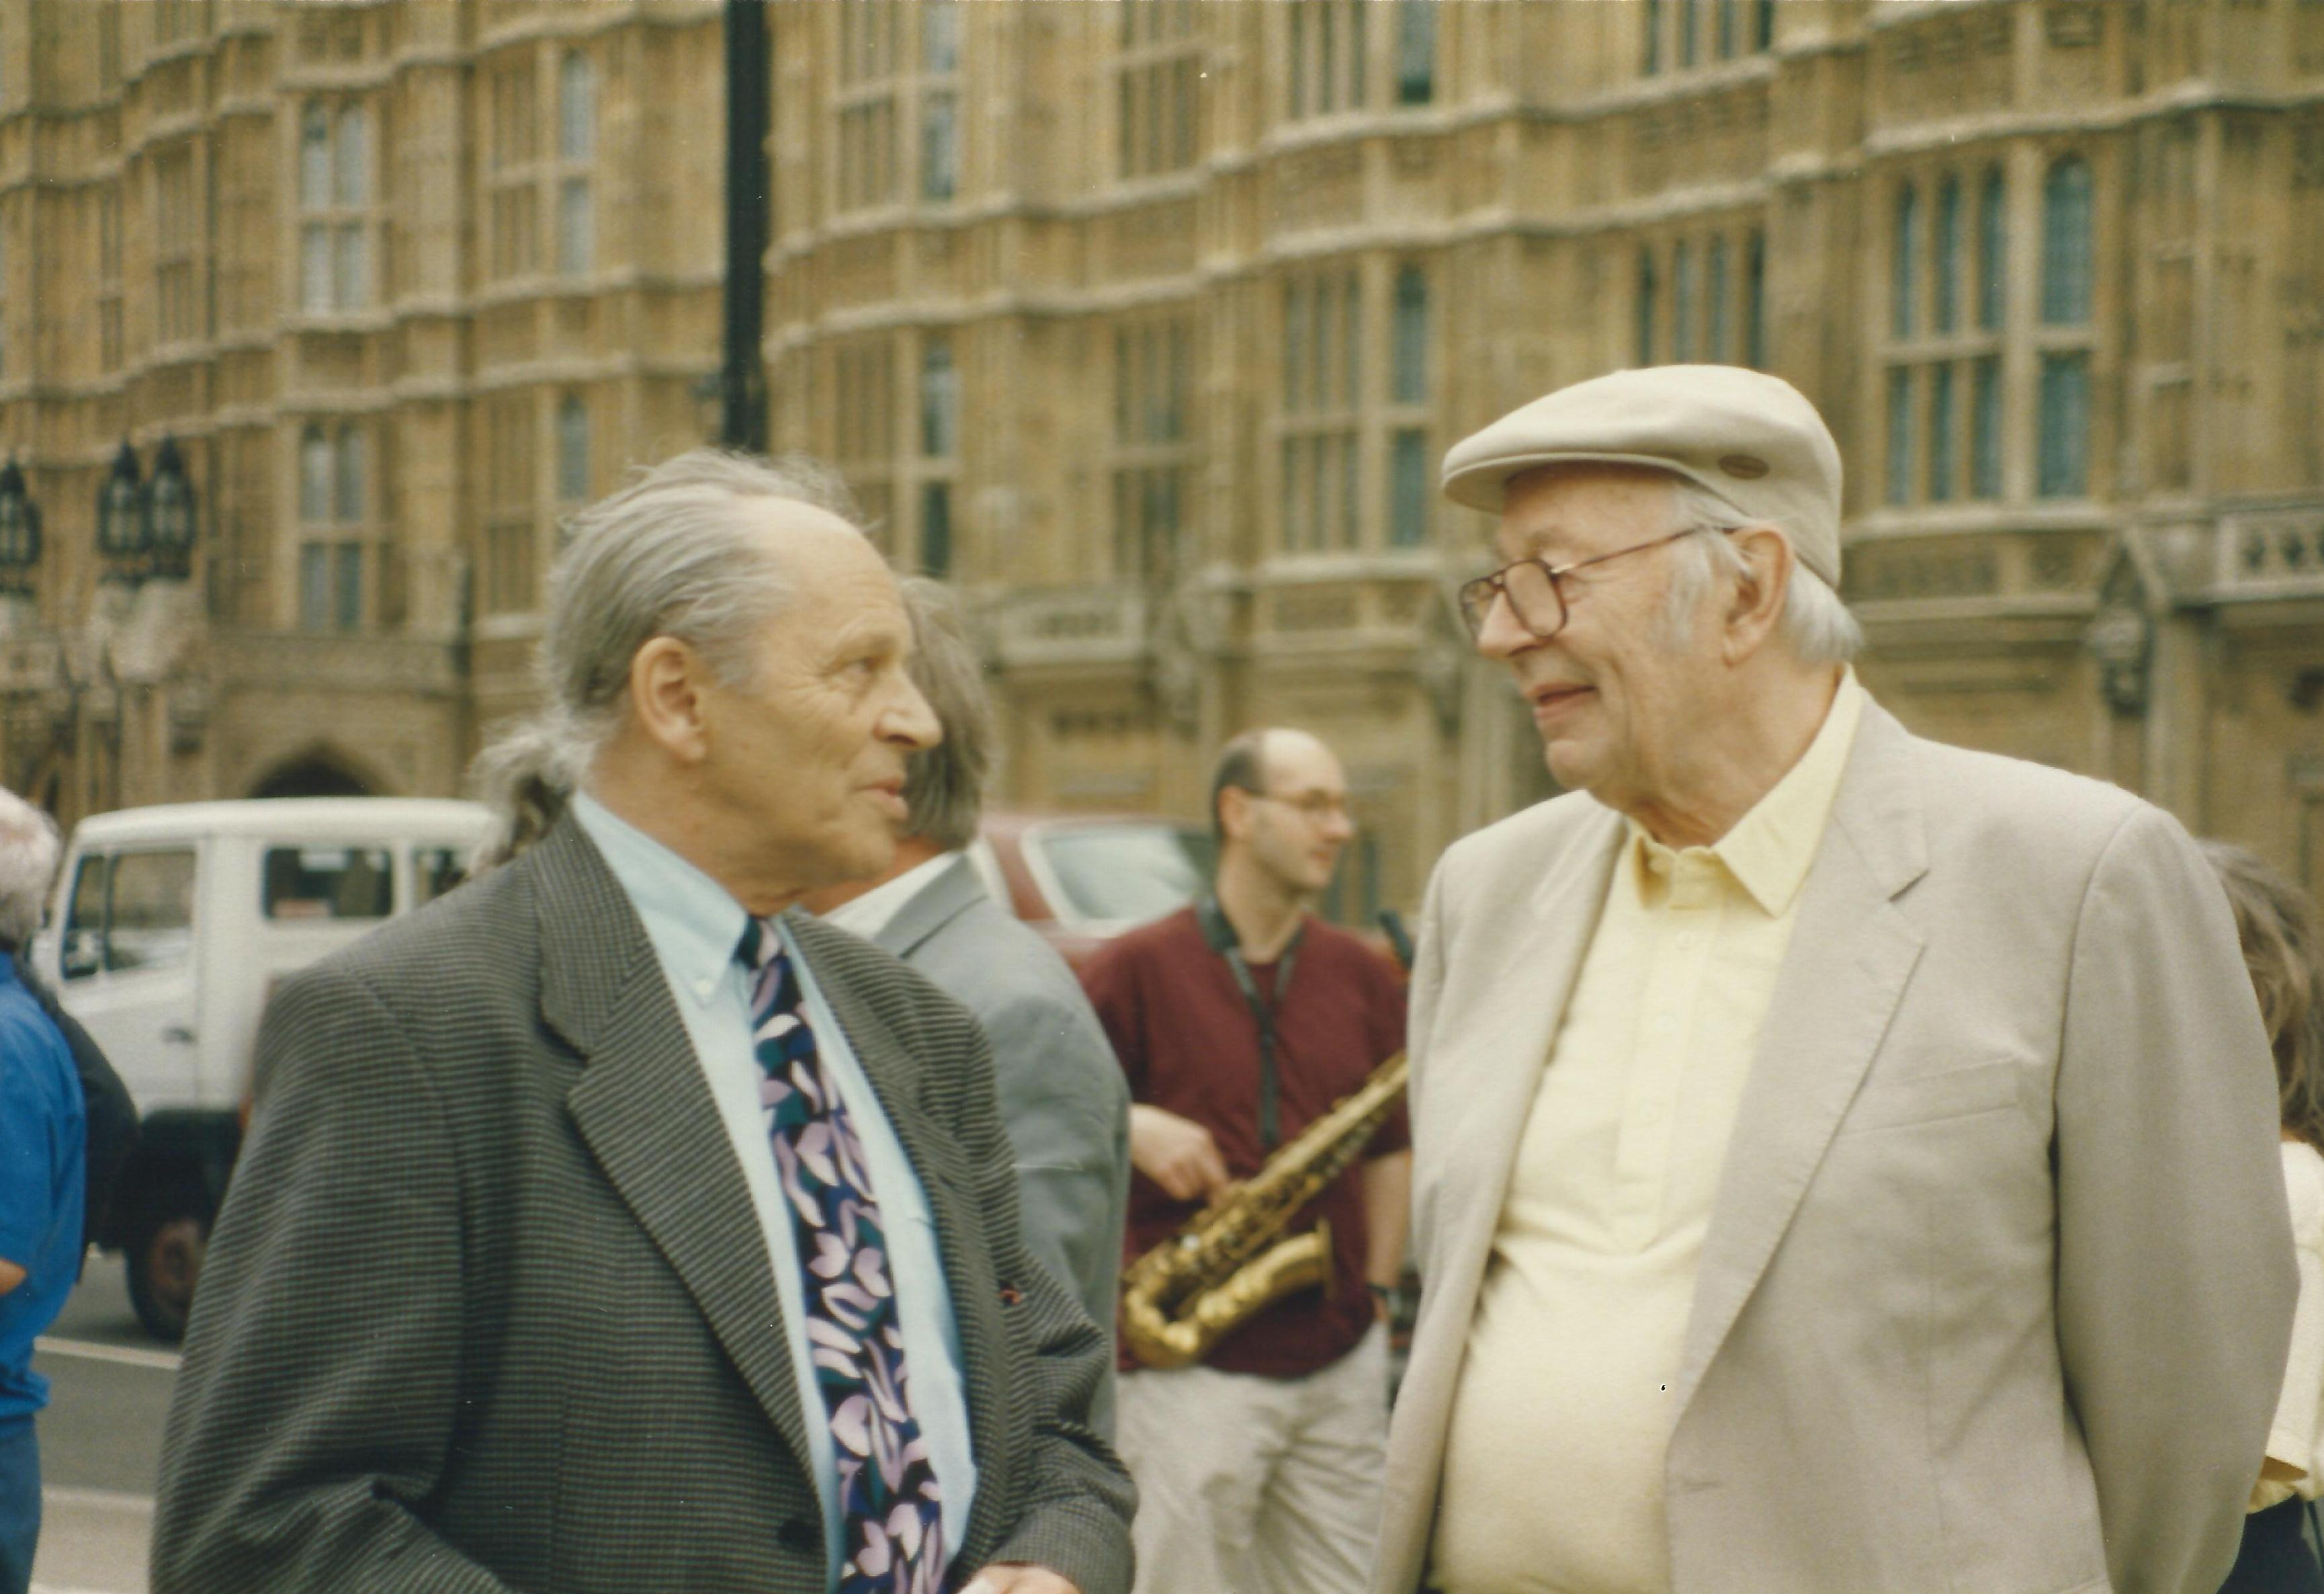 John Dankworth, and Humphrey Lyttelton